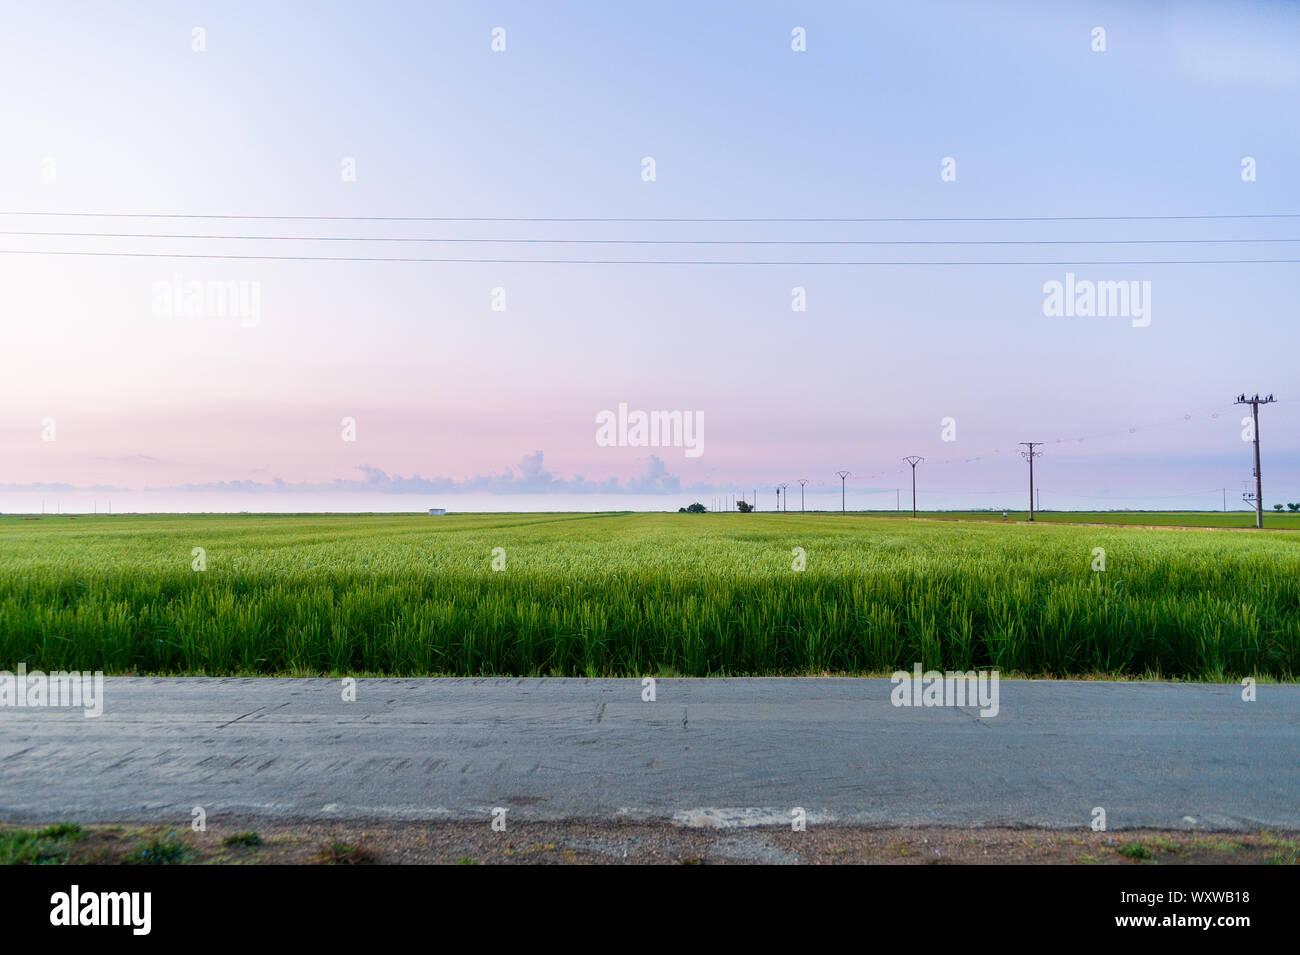 Tranquillo e scena minimalista delle risaie nelle prime ore del mattino all'alba con il caldo e la luce viola e poche nuvole in cielo nel Delta del Ebro park Foto Stock